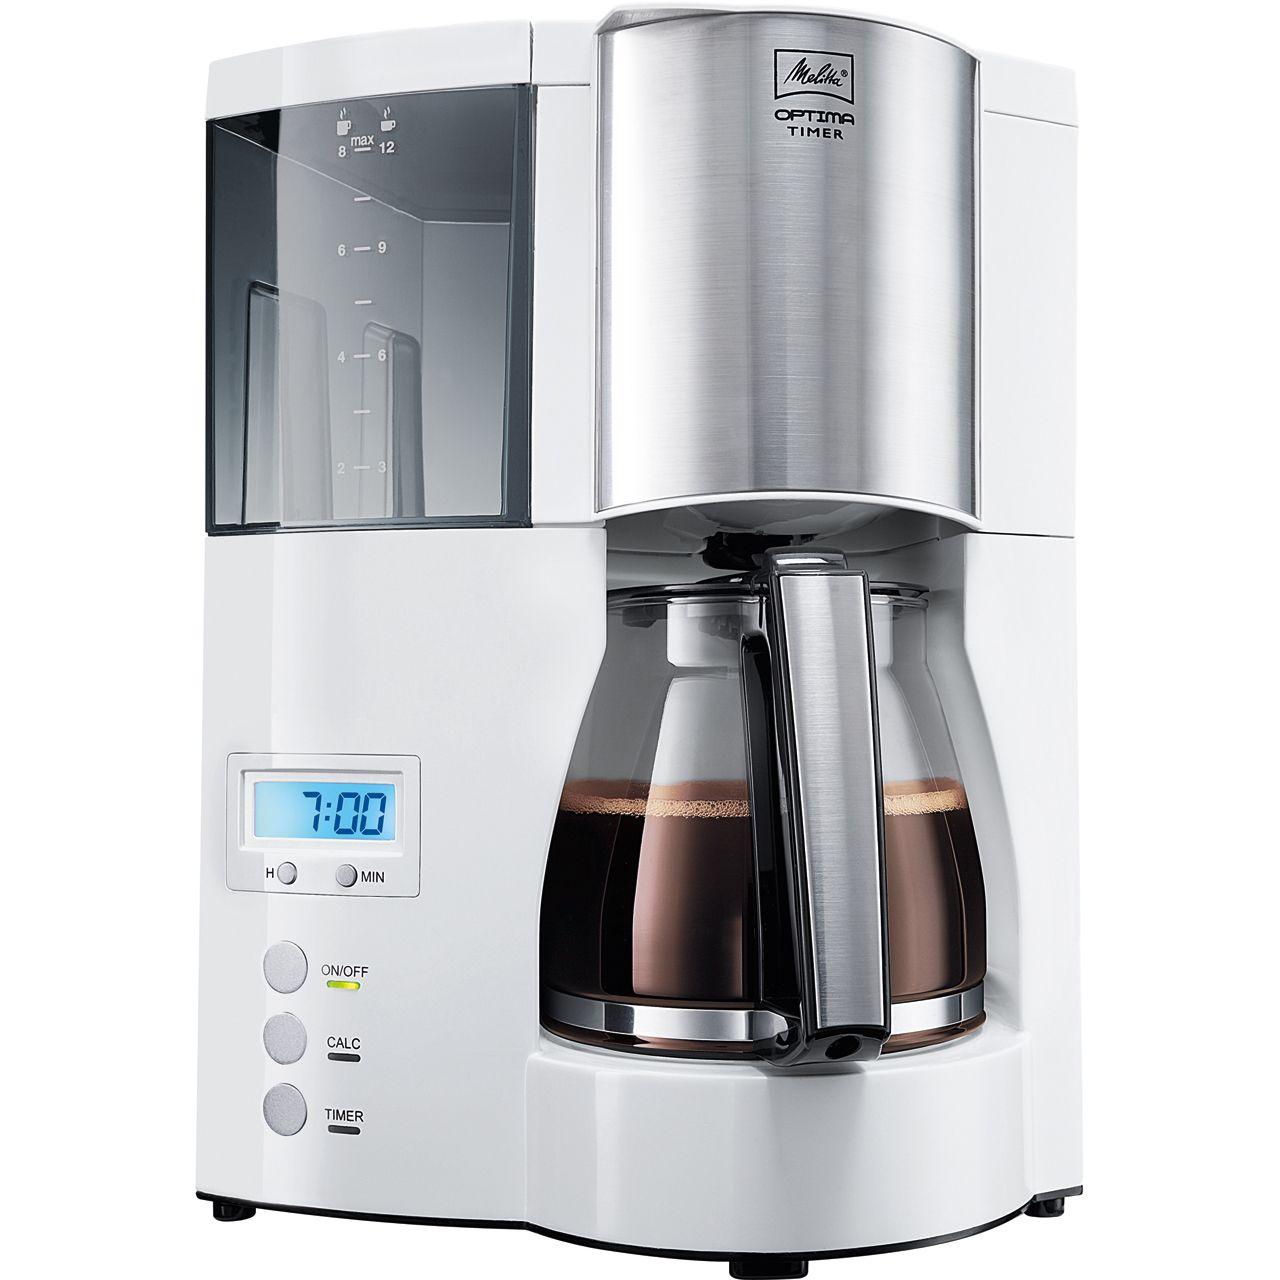 melitta kaffeemaschine optima mit timer weiss ~ Kaffeemaschine Ohne Abschaltautomatik